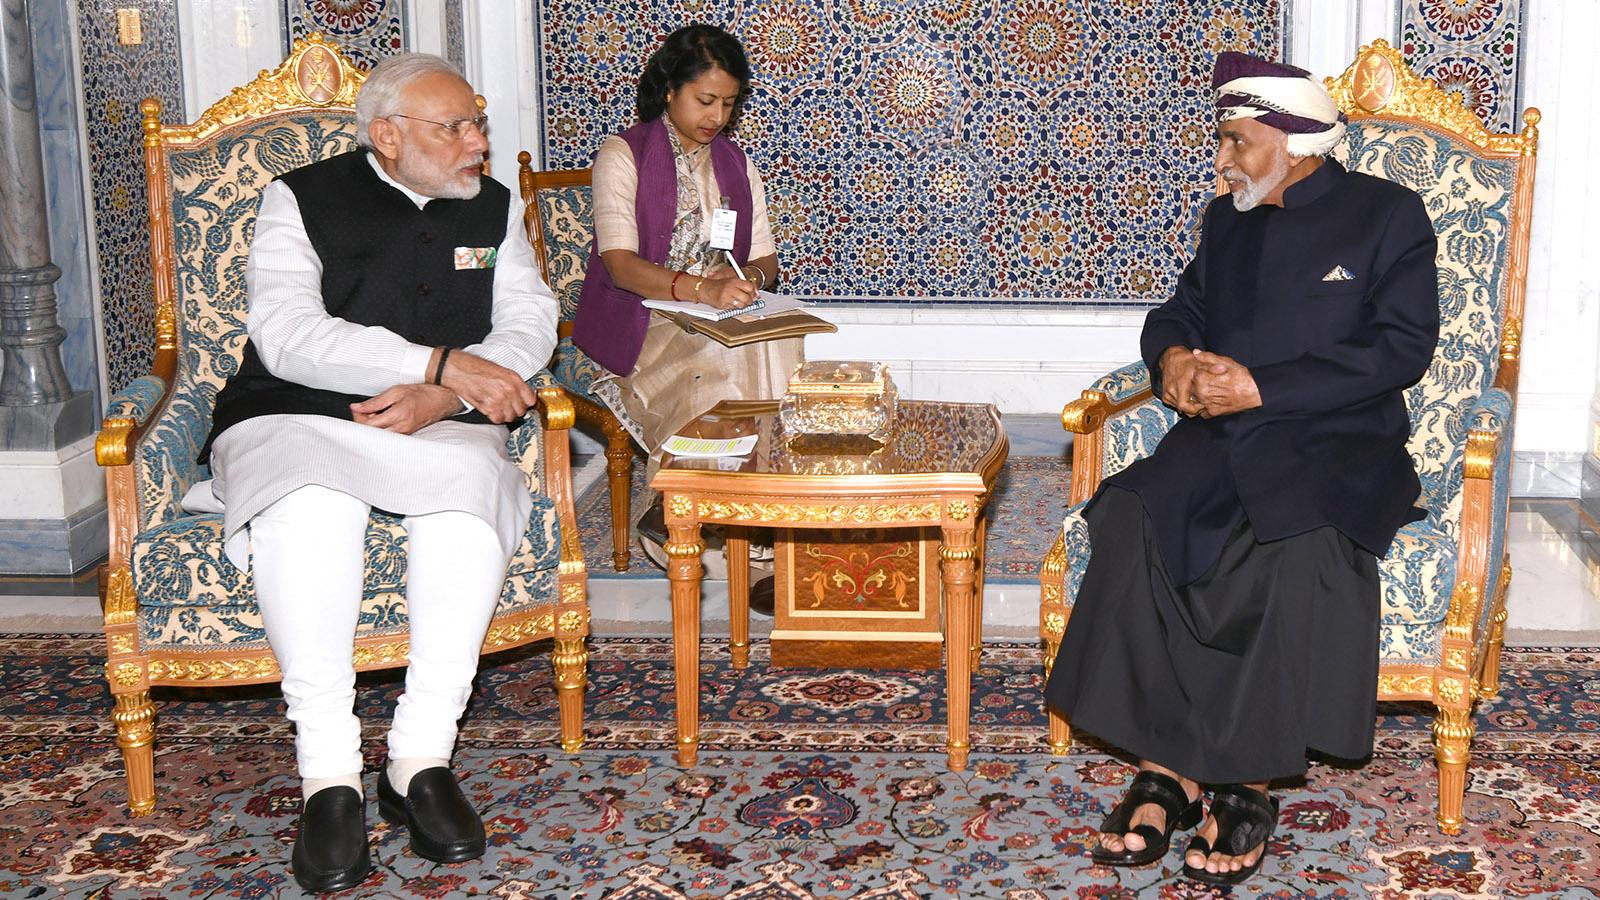 بيان مشترك في نهاية زيارة رئيس الوزراء الهندي للسلطنة